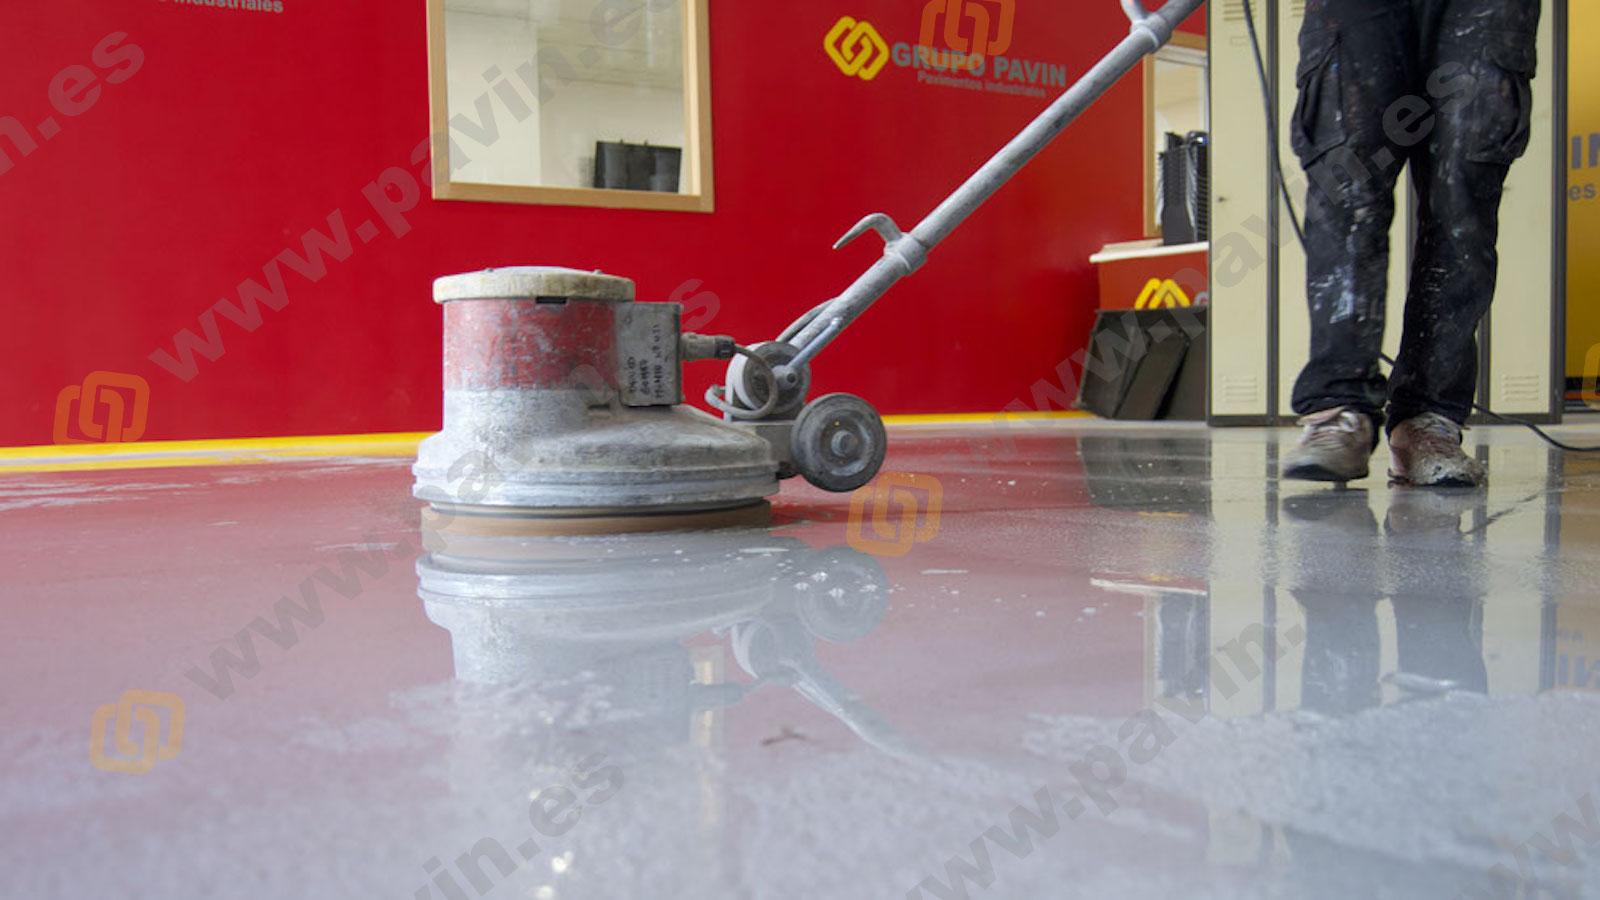 Cómo realizar correctamente un mantenimiento en los pavimentos industriales